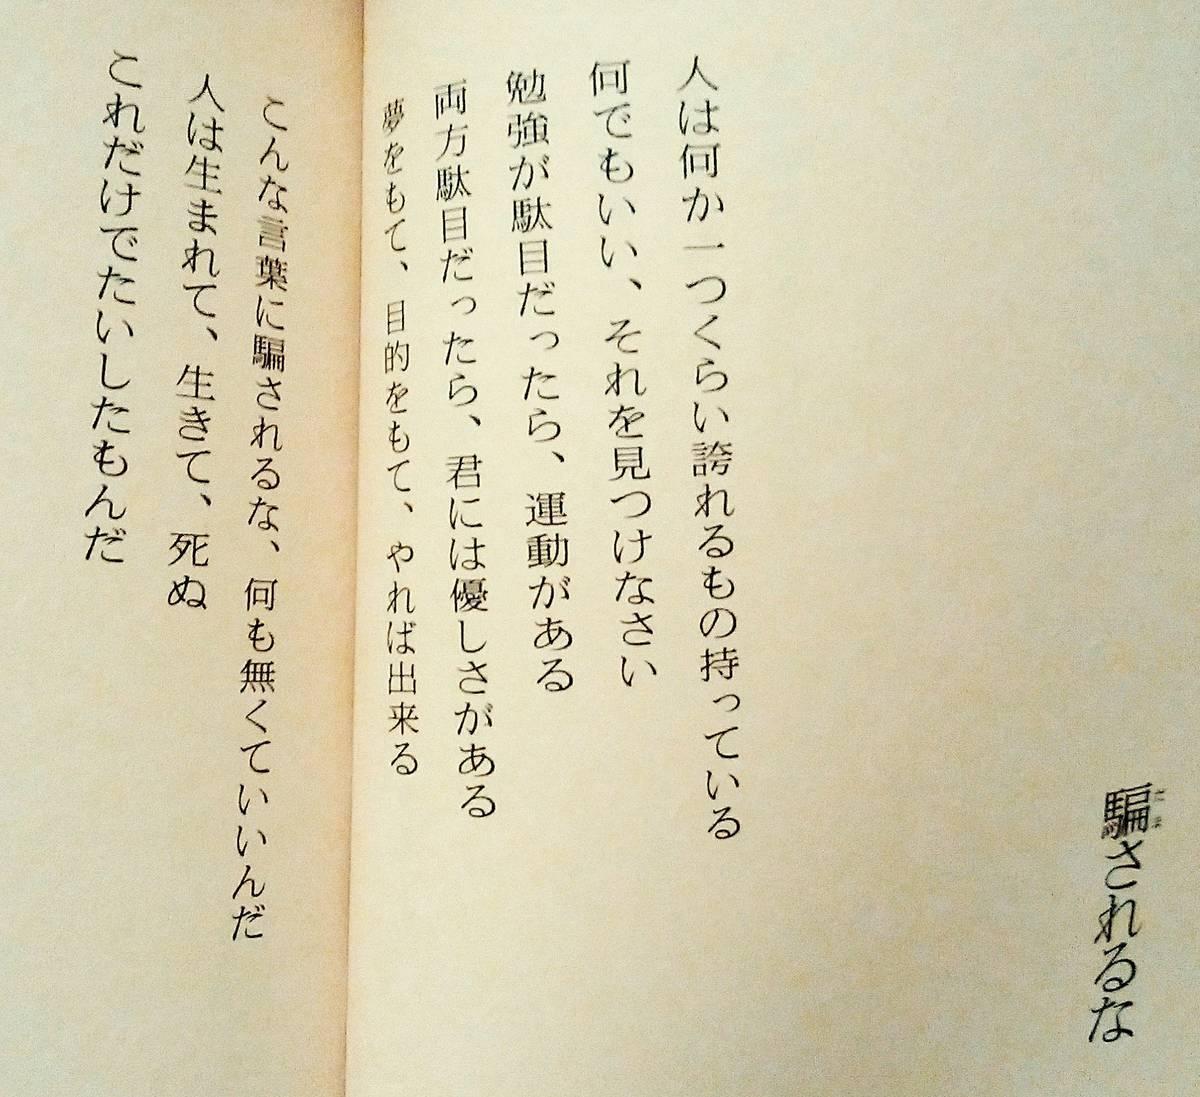 f:id:books_channel:20201113194529j:plain